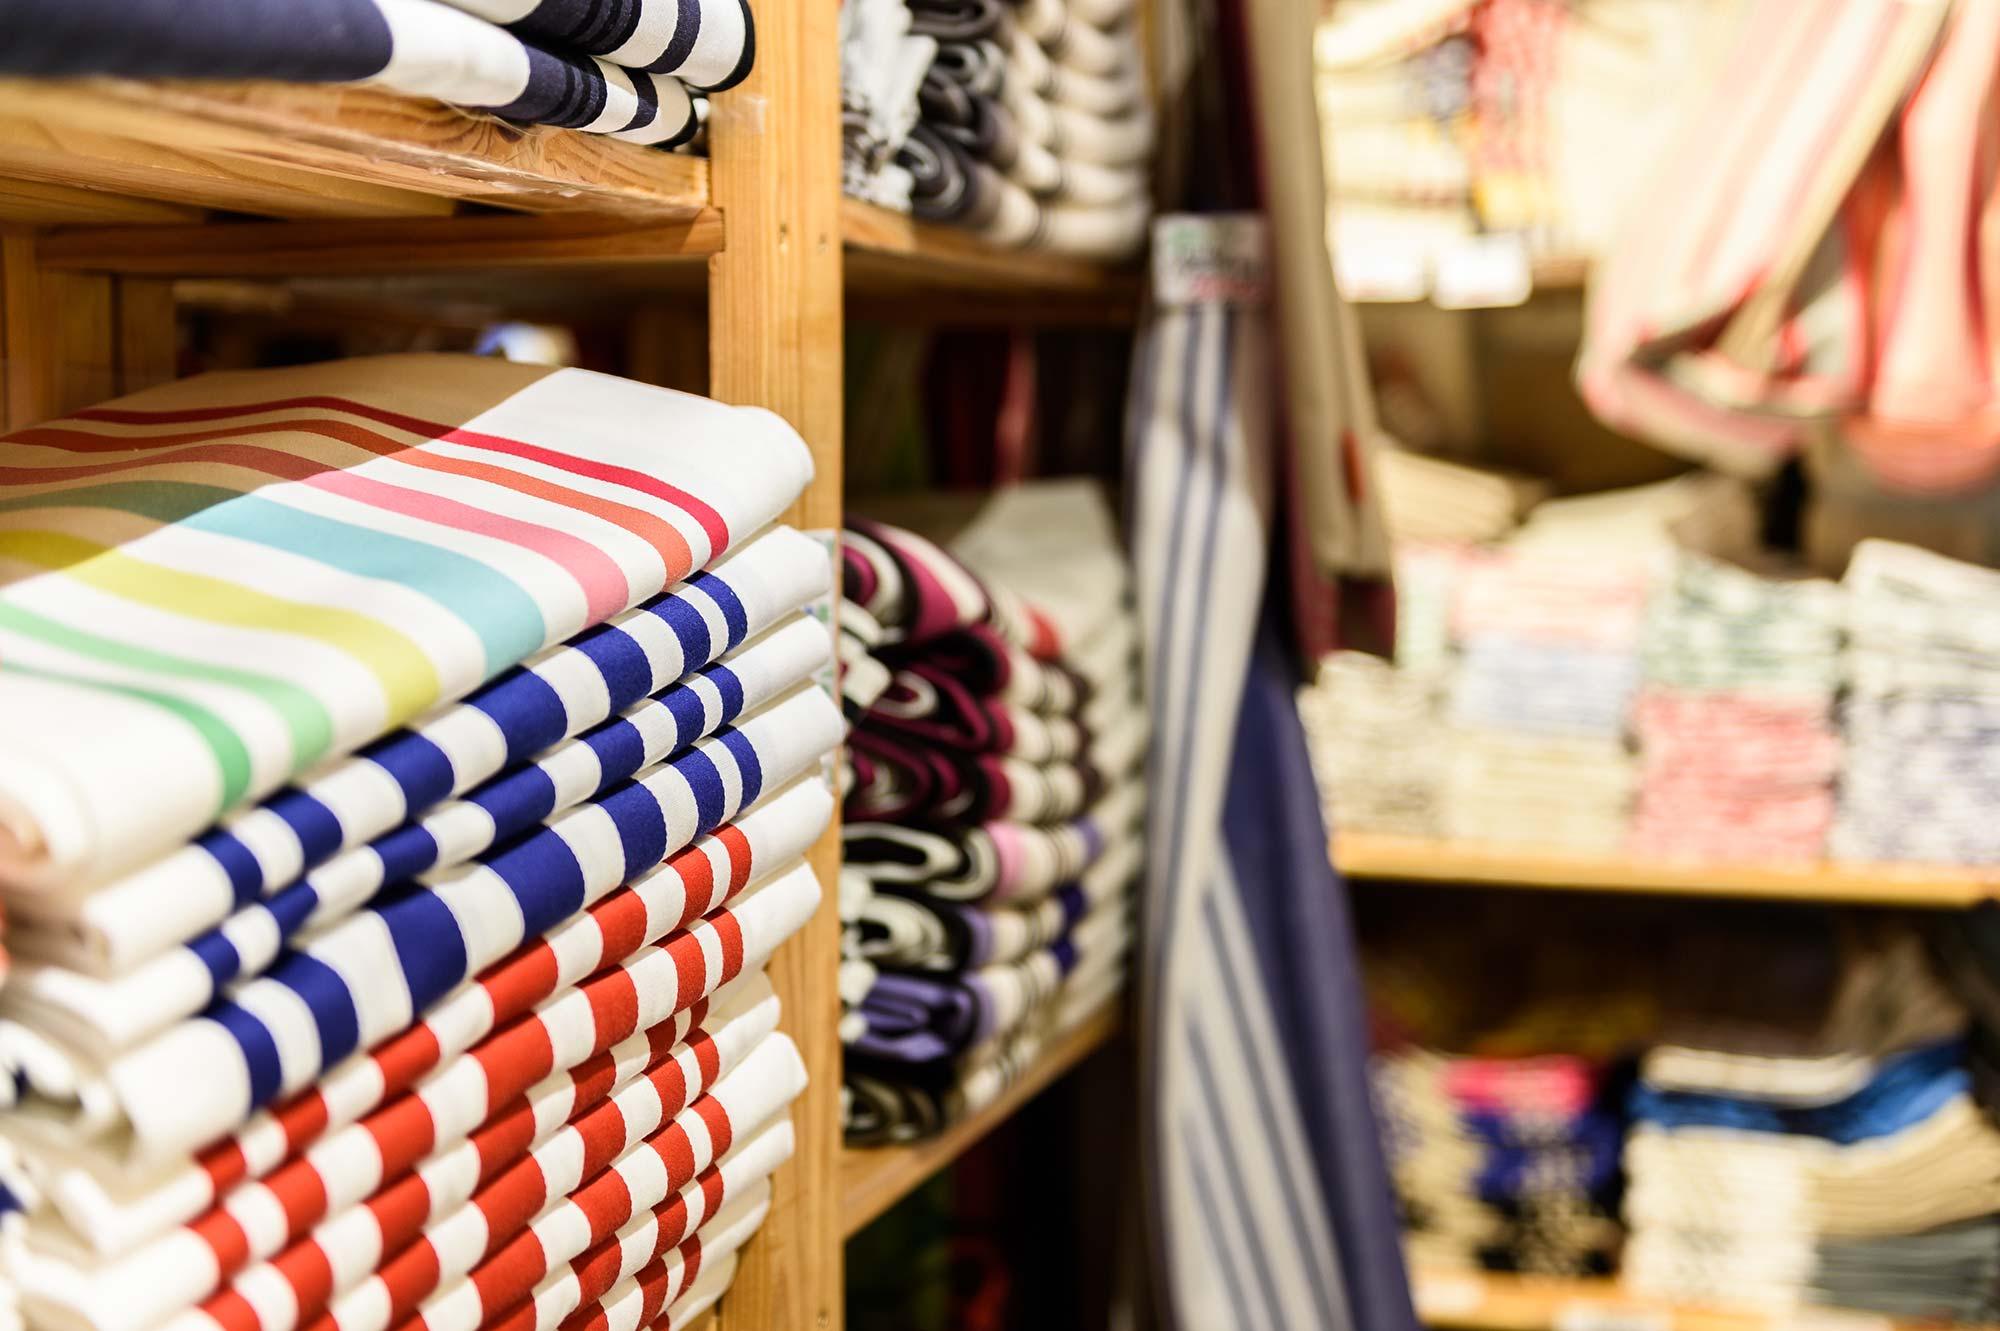 Détail sur des tissus à rayures de plusieurs couleurs